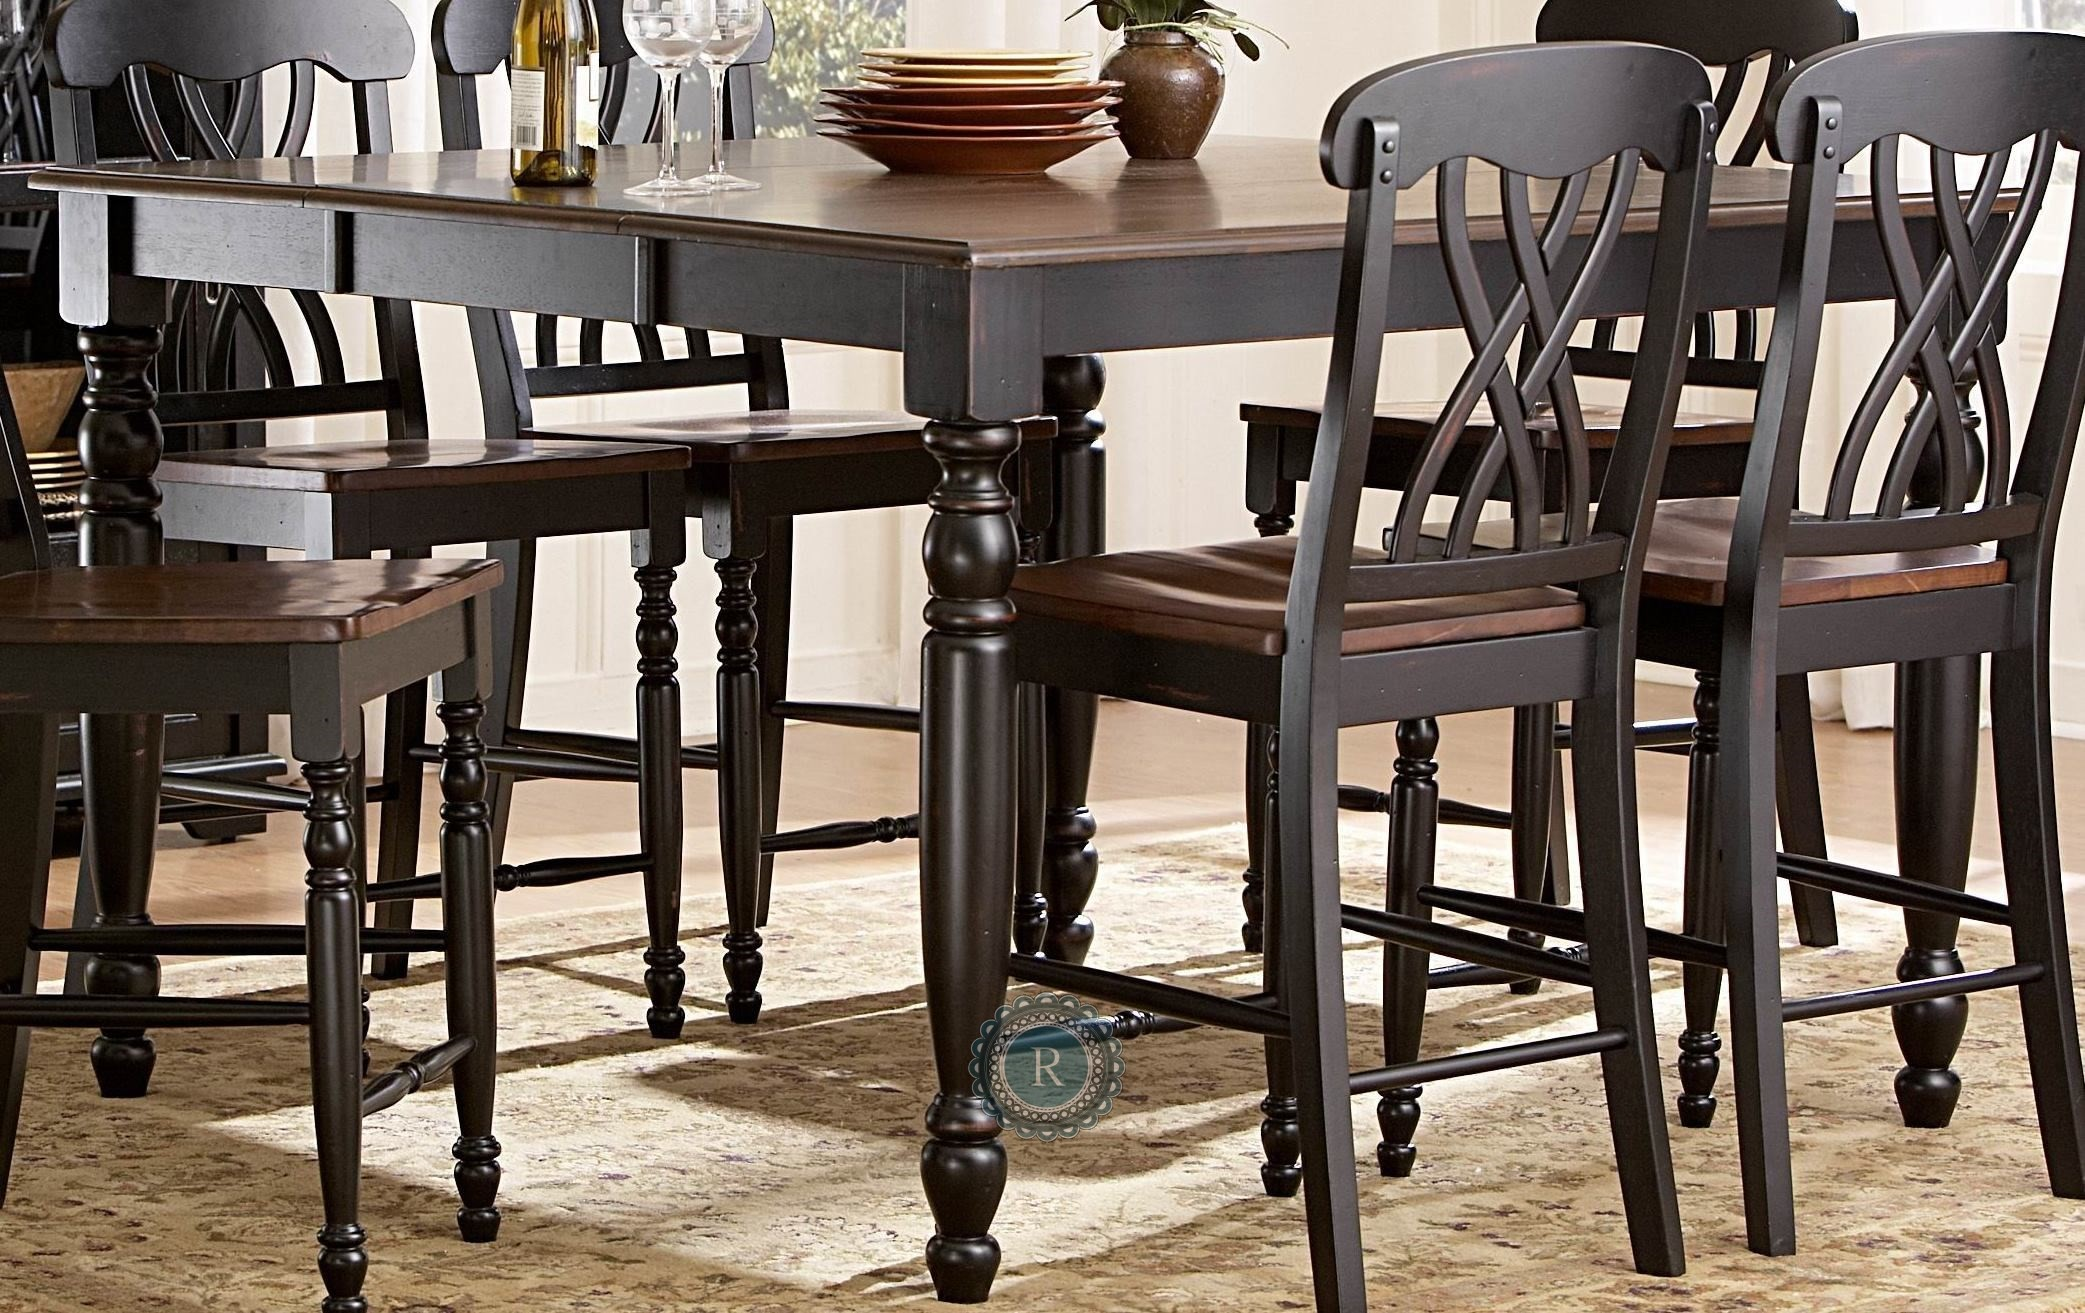 Ohana Black Counter Height Table From Homelegance (1393BK